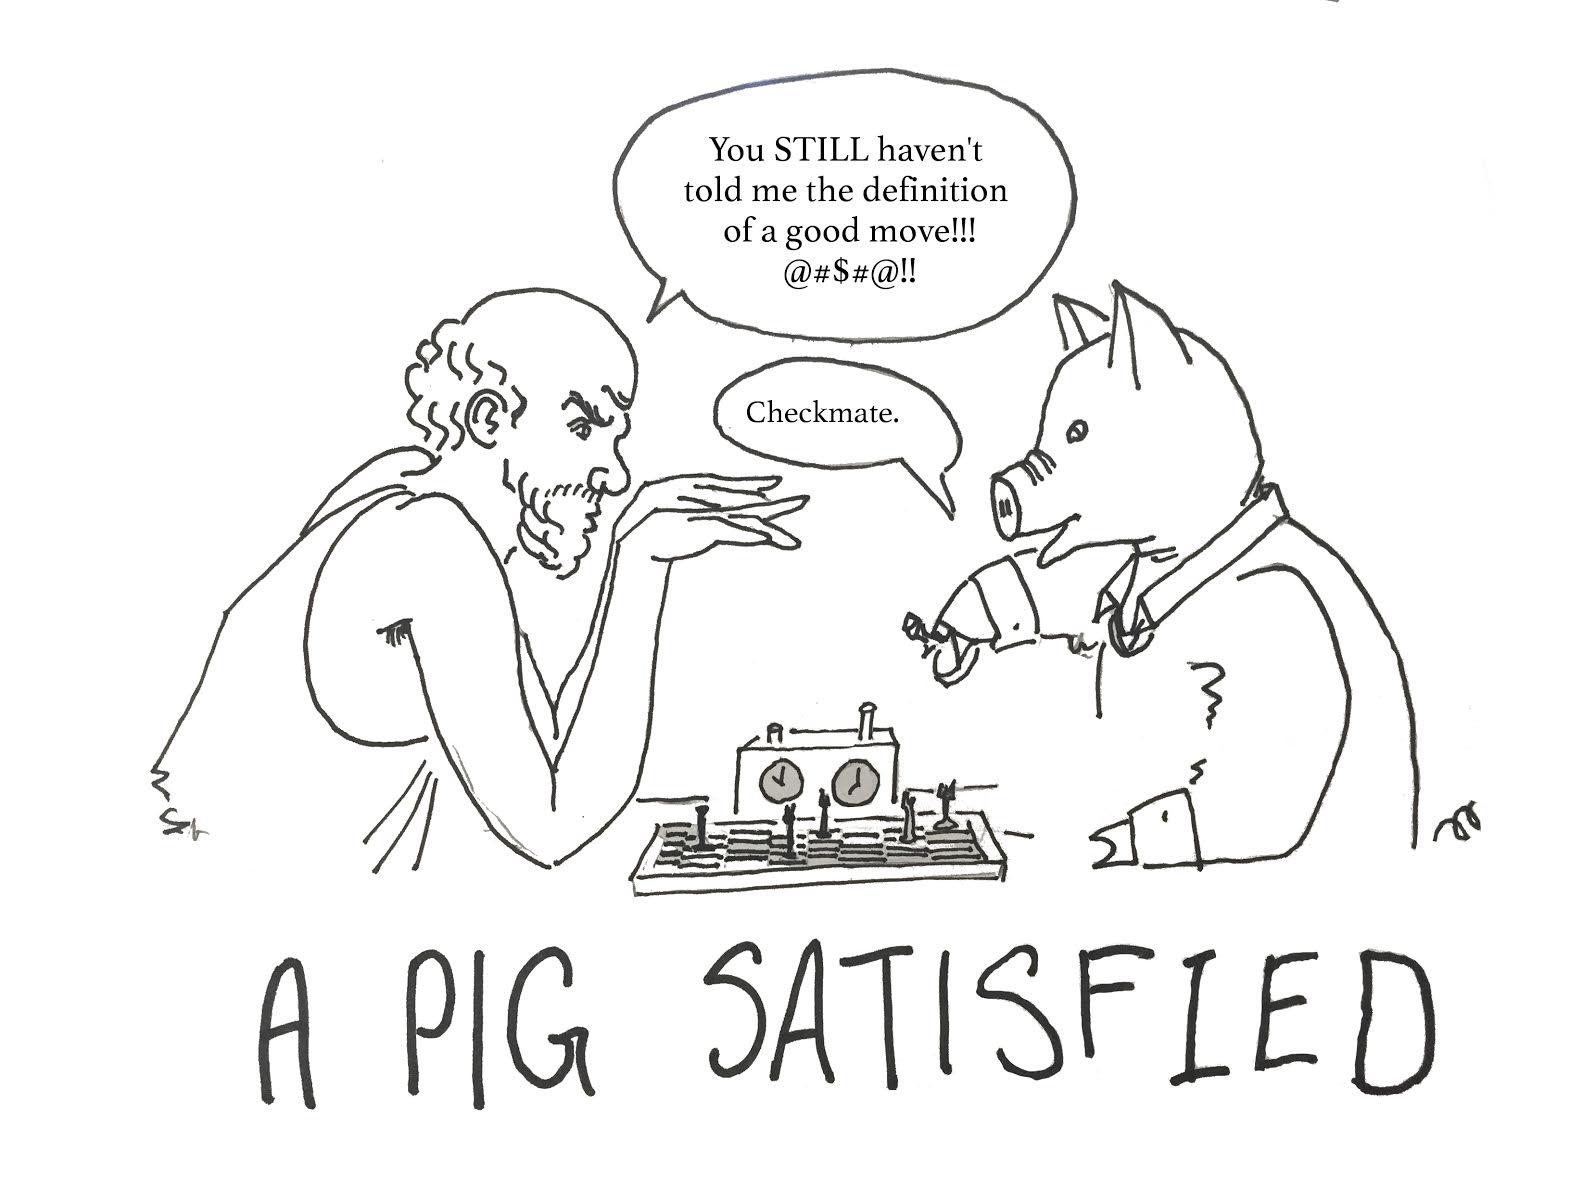 Kostochka - 2015-10-22 - Pig